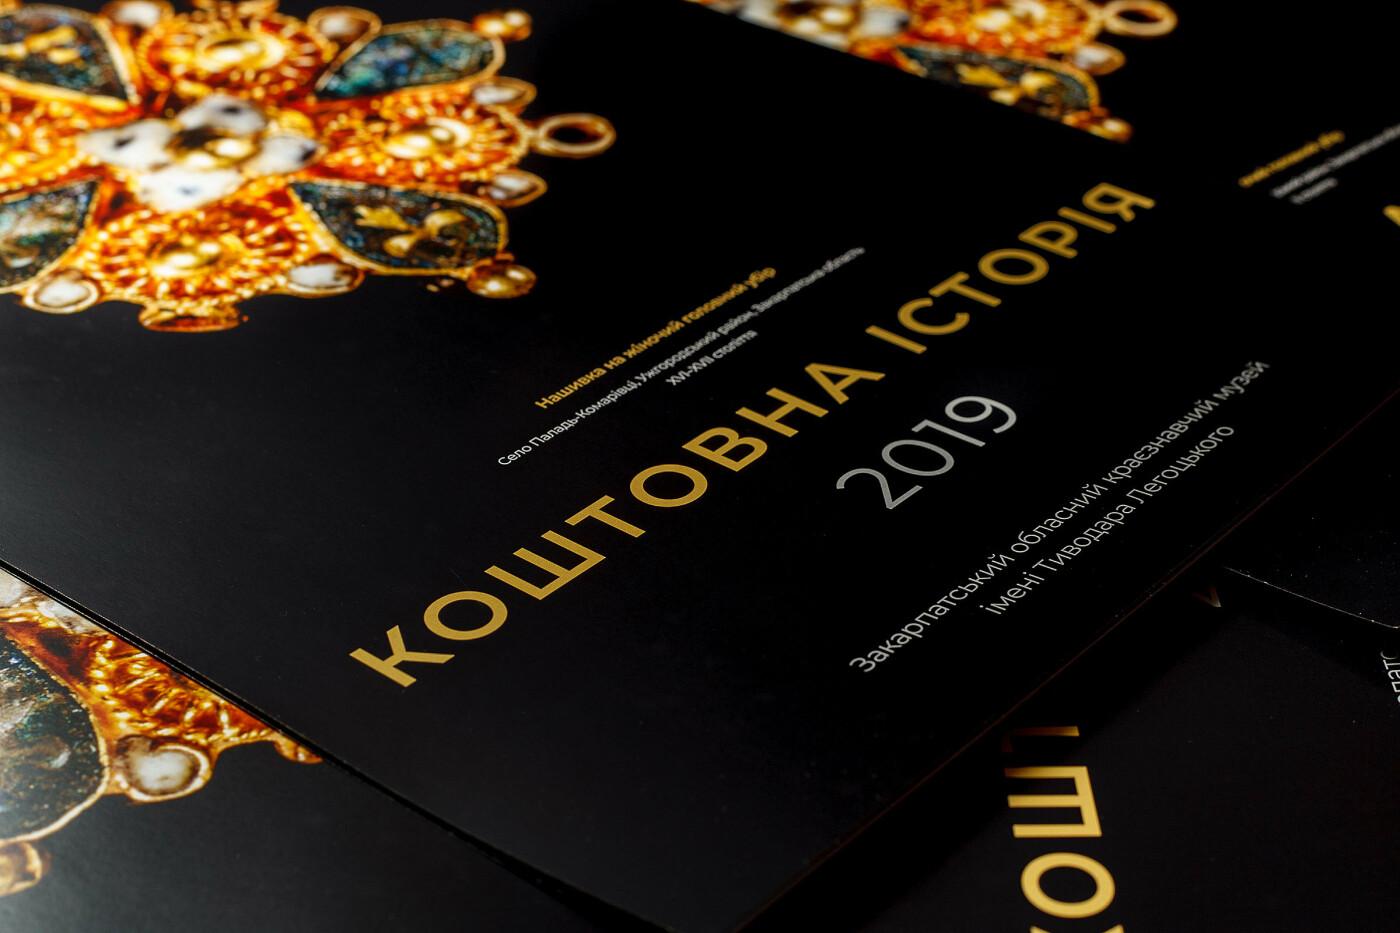 Закарпатський краєзнавчий музей уперше створив календар із коштовних експонатів (ФОТО), фото-2